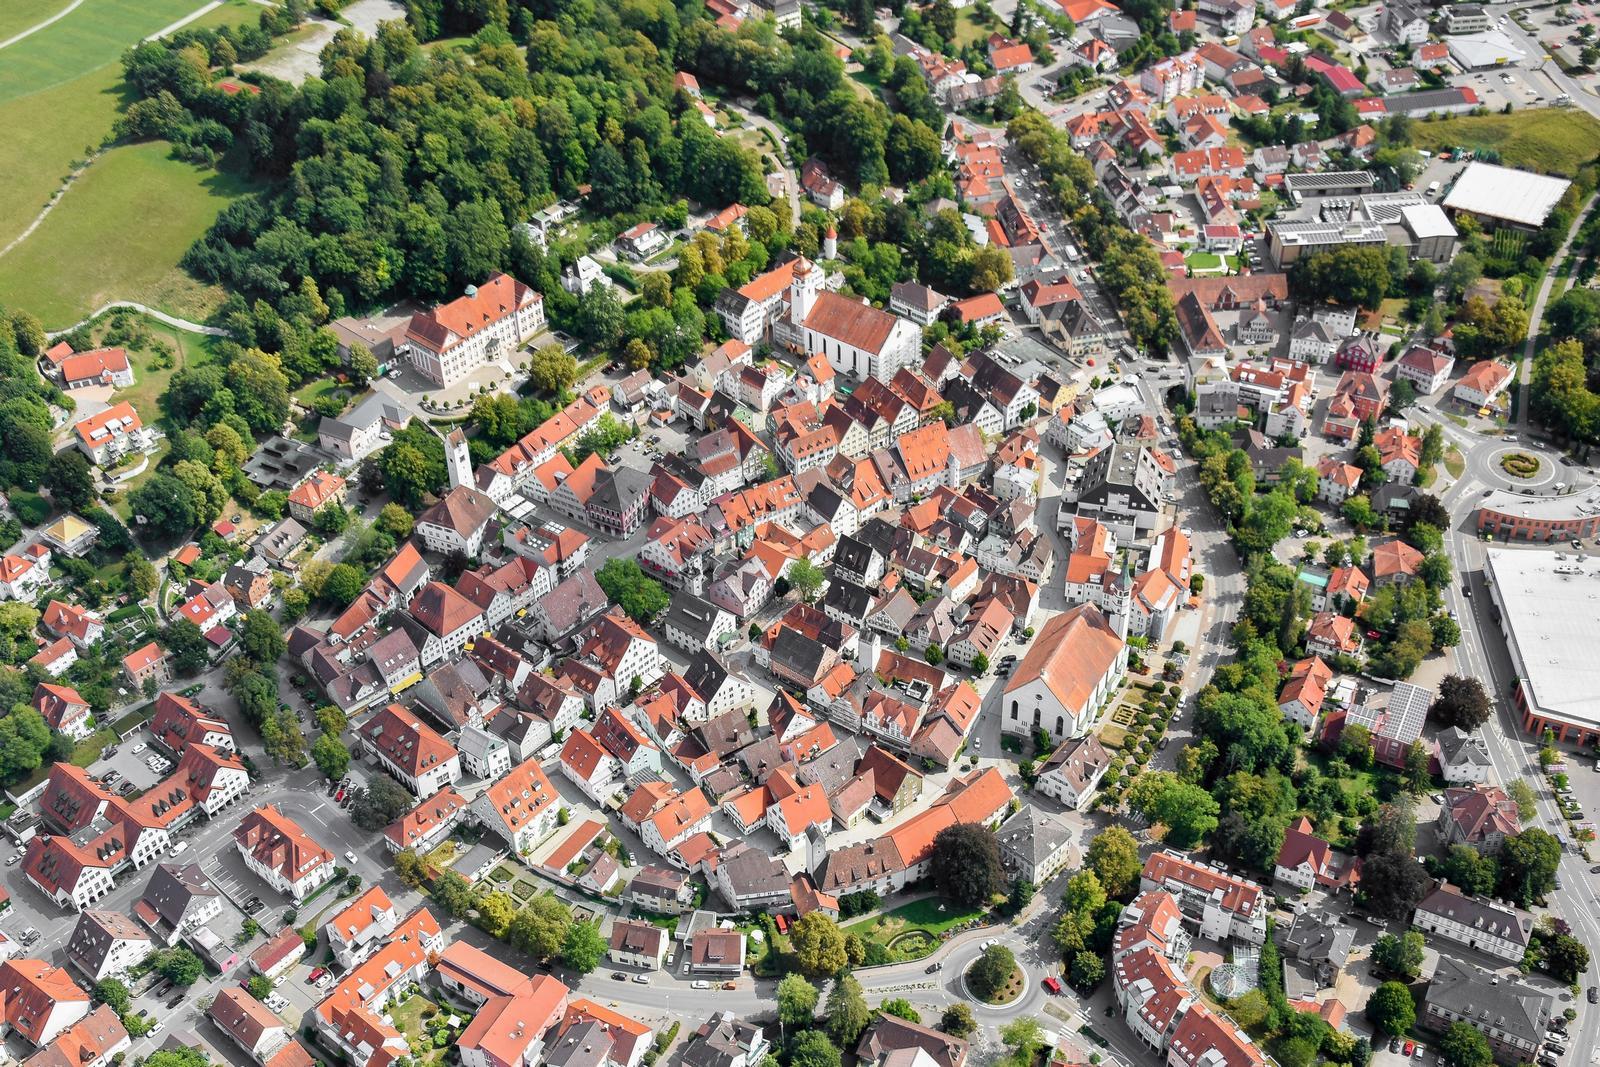 Luftbild der Leutkircher Kernstadt (Foto: Heinz Mauch)